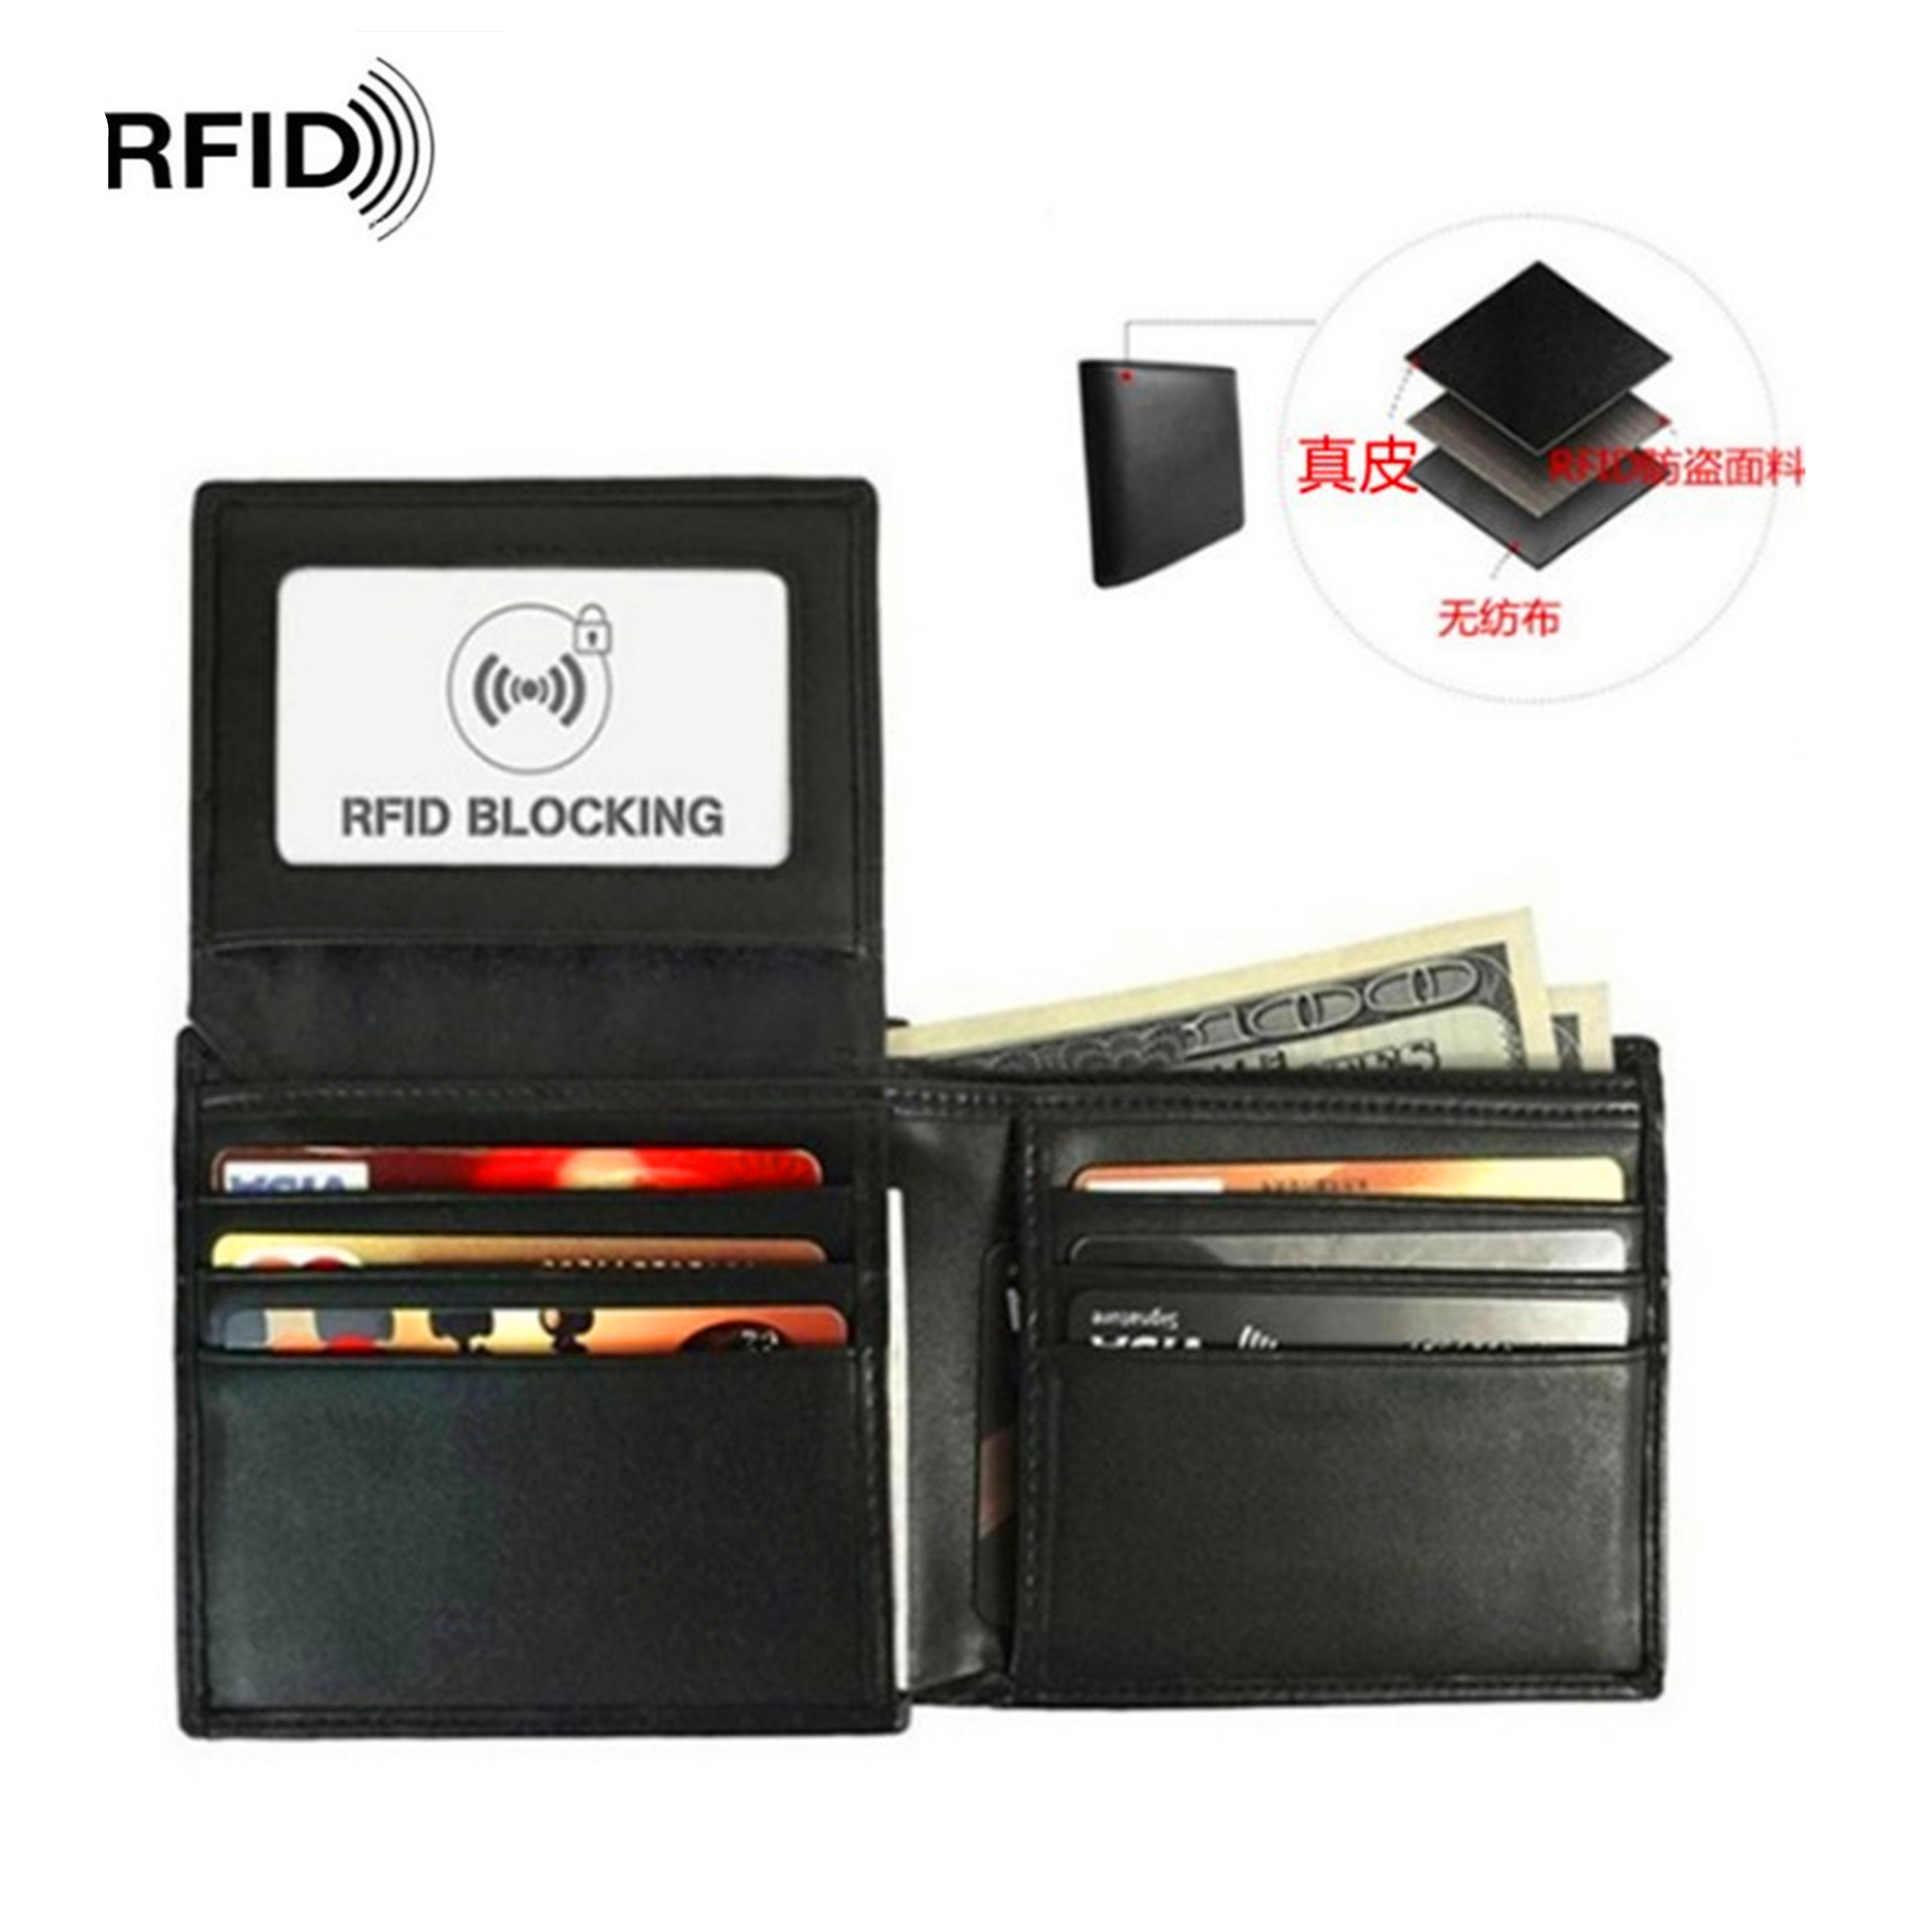 Импортные товары, хит продаж, кошелек из натуральной кожи, RFID, антимагнитный, свободный лист, nan nv, анти-сканирующий держатель для карт, кошелек